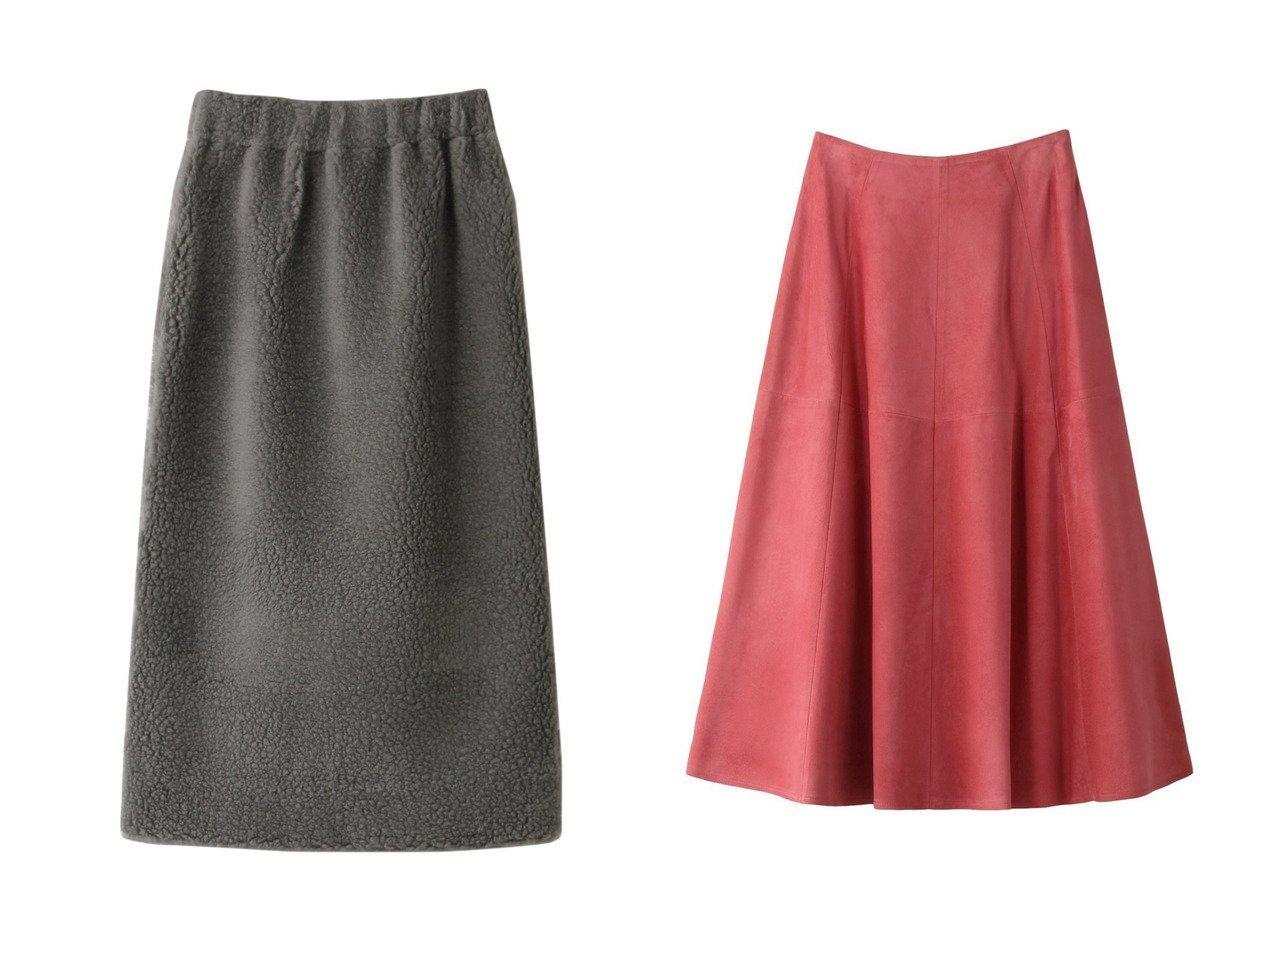 【BLUEBIRD BOULEVARD/ブルーバード ブルバード】のオージーウールボアタイトスカート&ピッグスウェードサーキュラースカート 【スカート】おすすめ!人気、トレンド・レディースファッションの通販 おすすめで人気の流行・トレンド、ファッションの通販商品 インテリア・家具・メンズファッション・キッズファッション・レディースファッション・服の通販 founy(ファニー) https://founy.com/ ファッション Fashion レディースファッション WOMEN スカート Skirt ロングスカート Long Skirt おすすめ Recommend コンパクト タイトスカート ロング |ID:crp329100000069141